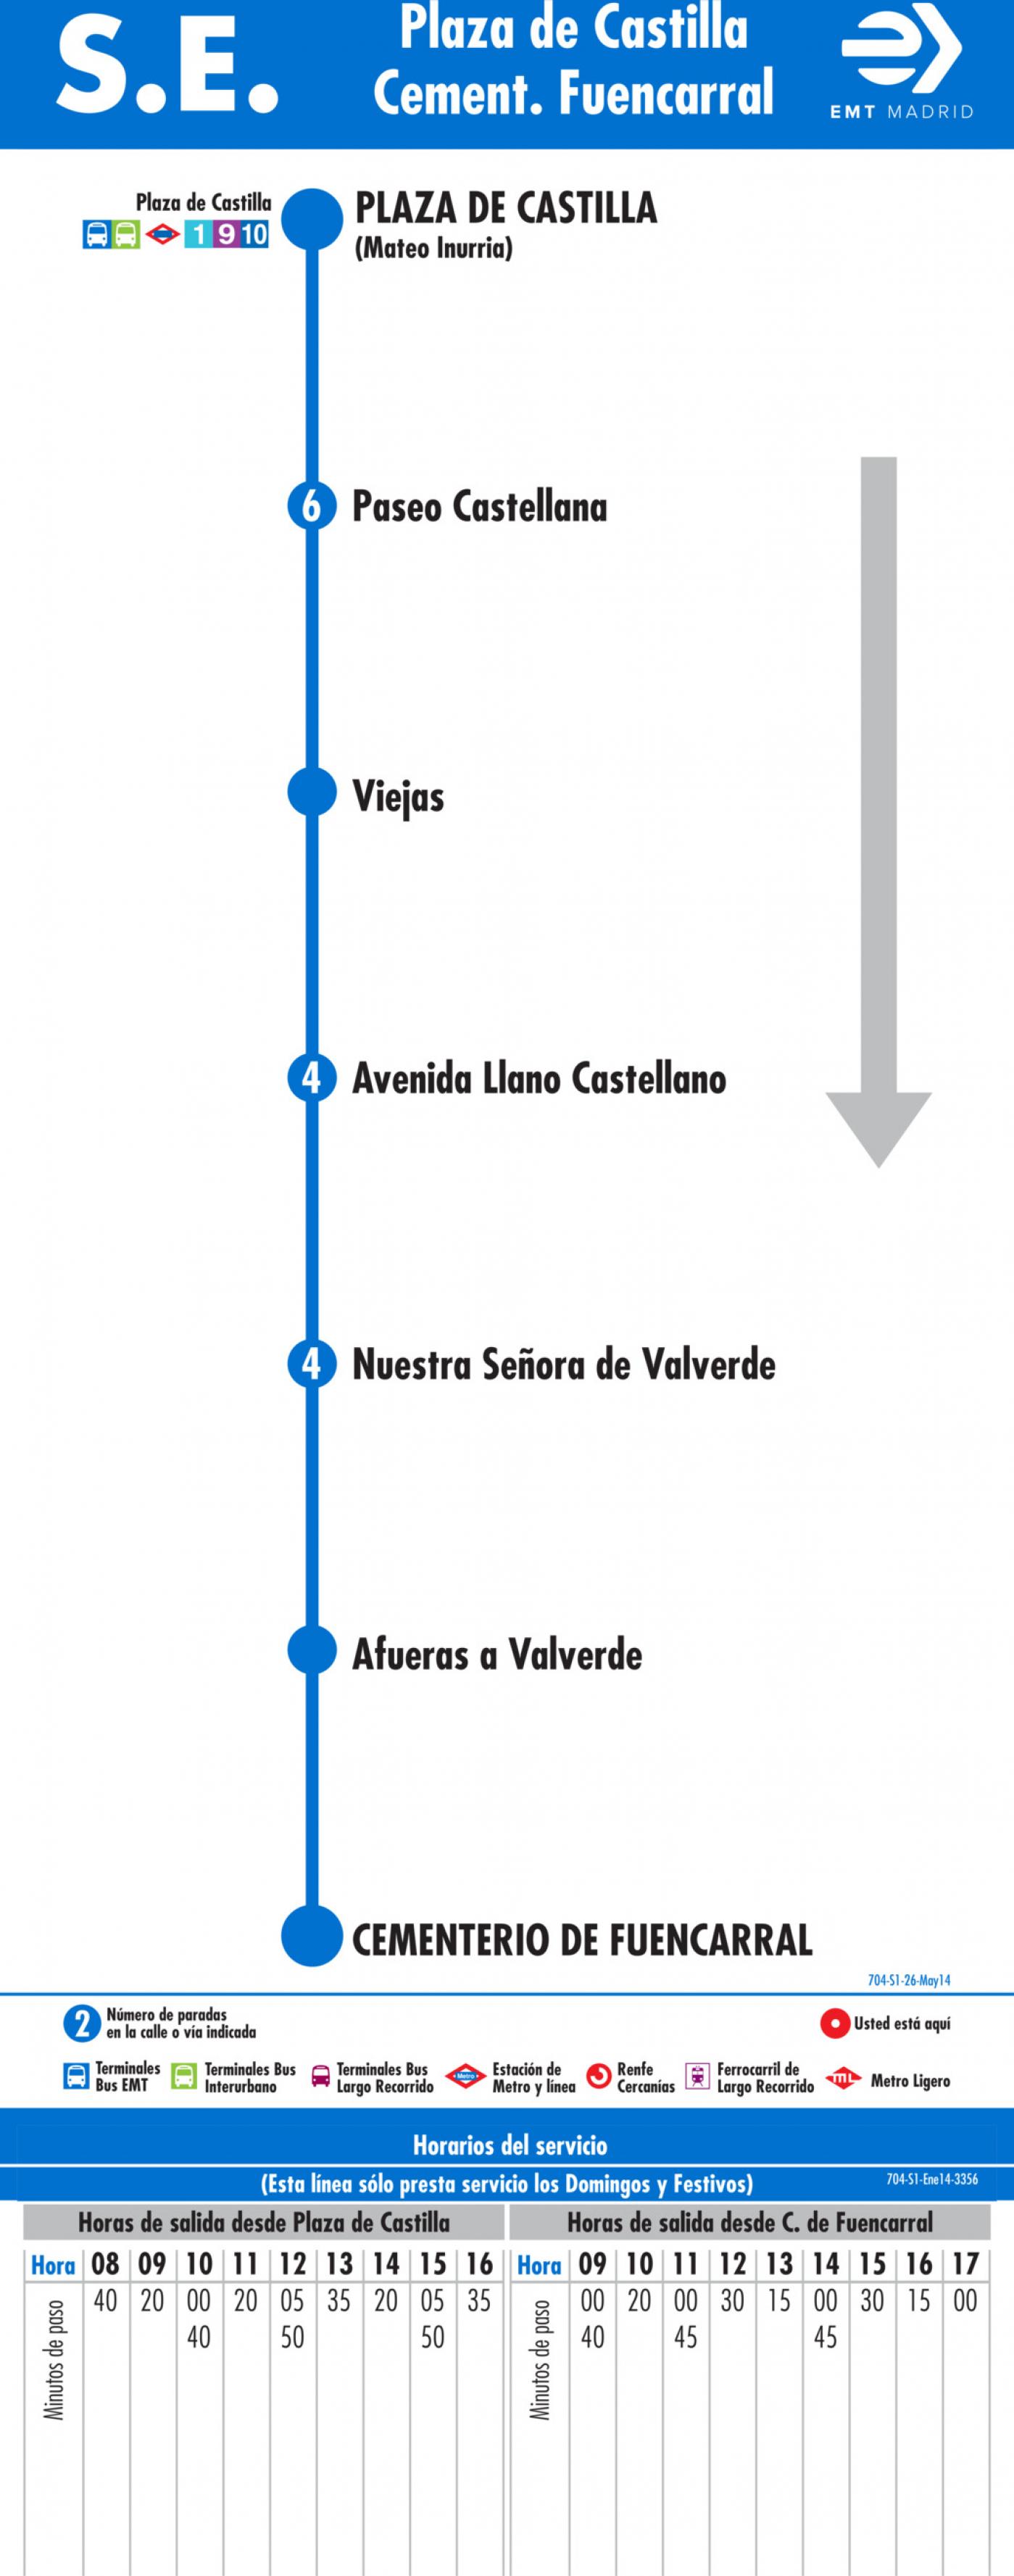 Tabla de horarios y frecuencias de paso en sentido ida Línea SE 704: Plaza de Castilla - Cementerio de Fuencarral